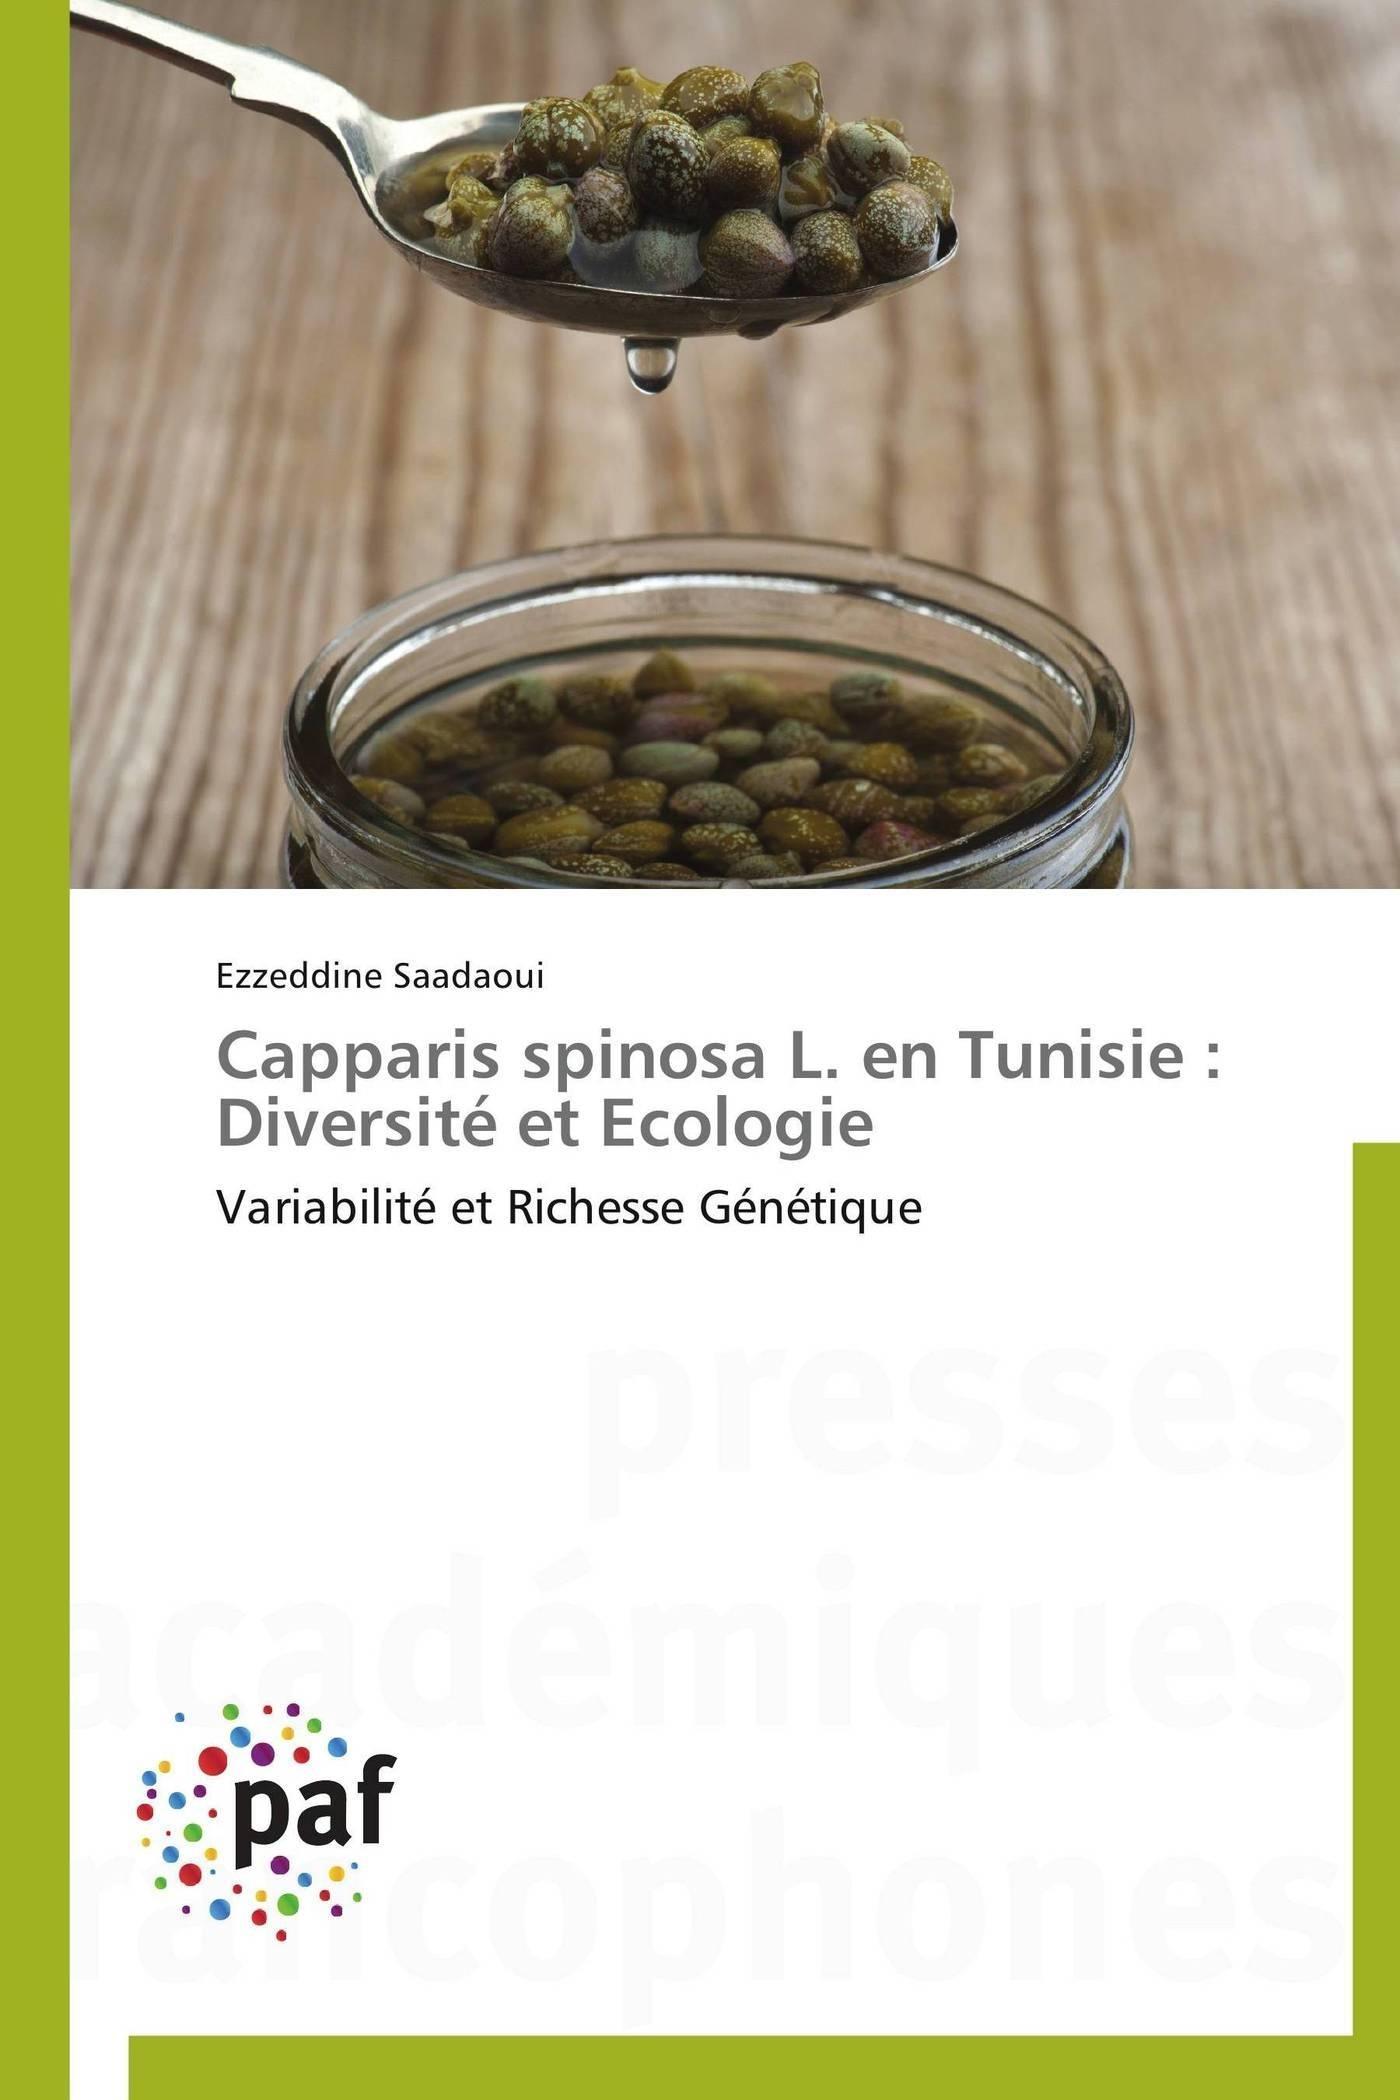 CAPPARIS SPINOSA L.  EN TUNISIE : DIVERSITE ET ECOLOGIE